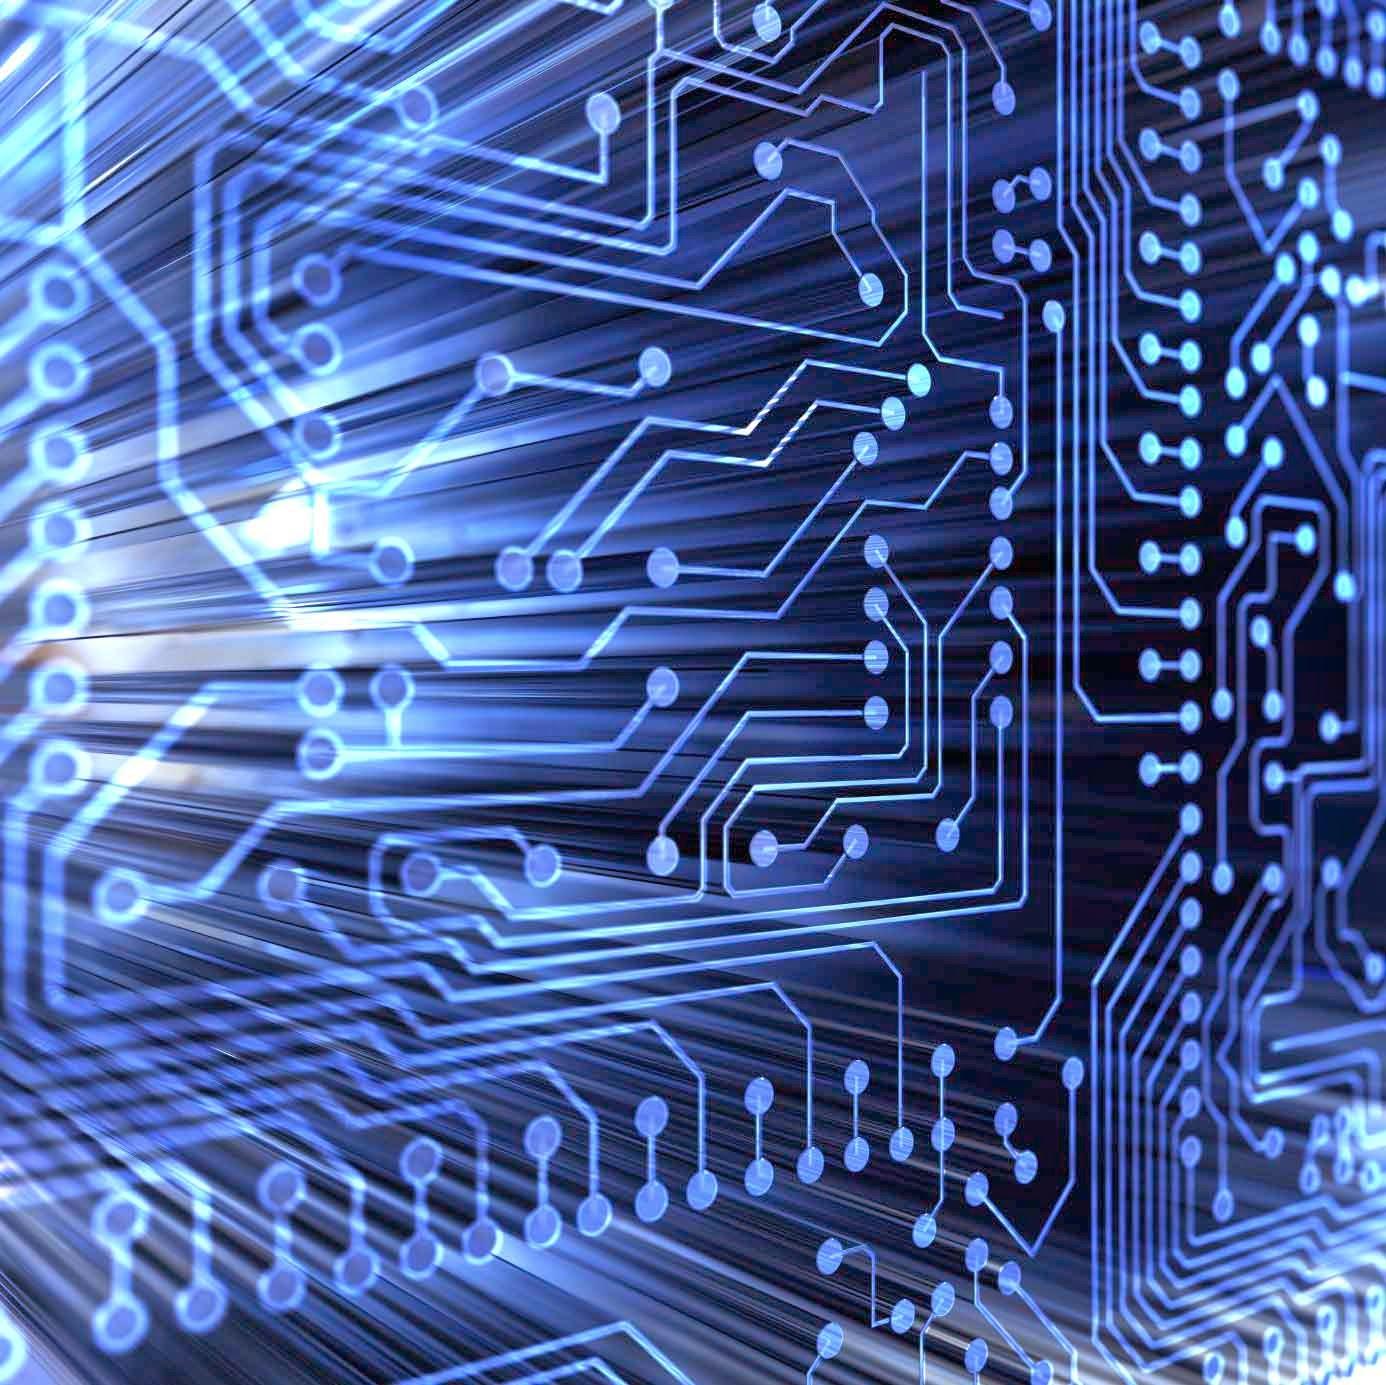 Circuito Impreso : Hardware de pc